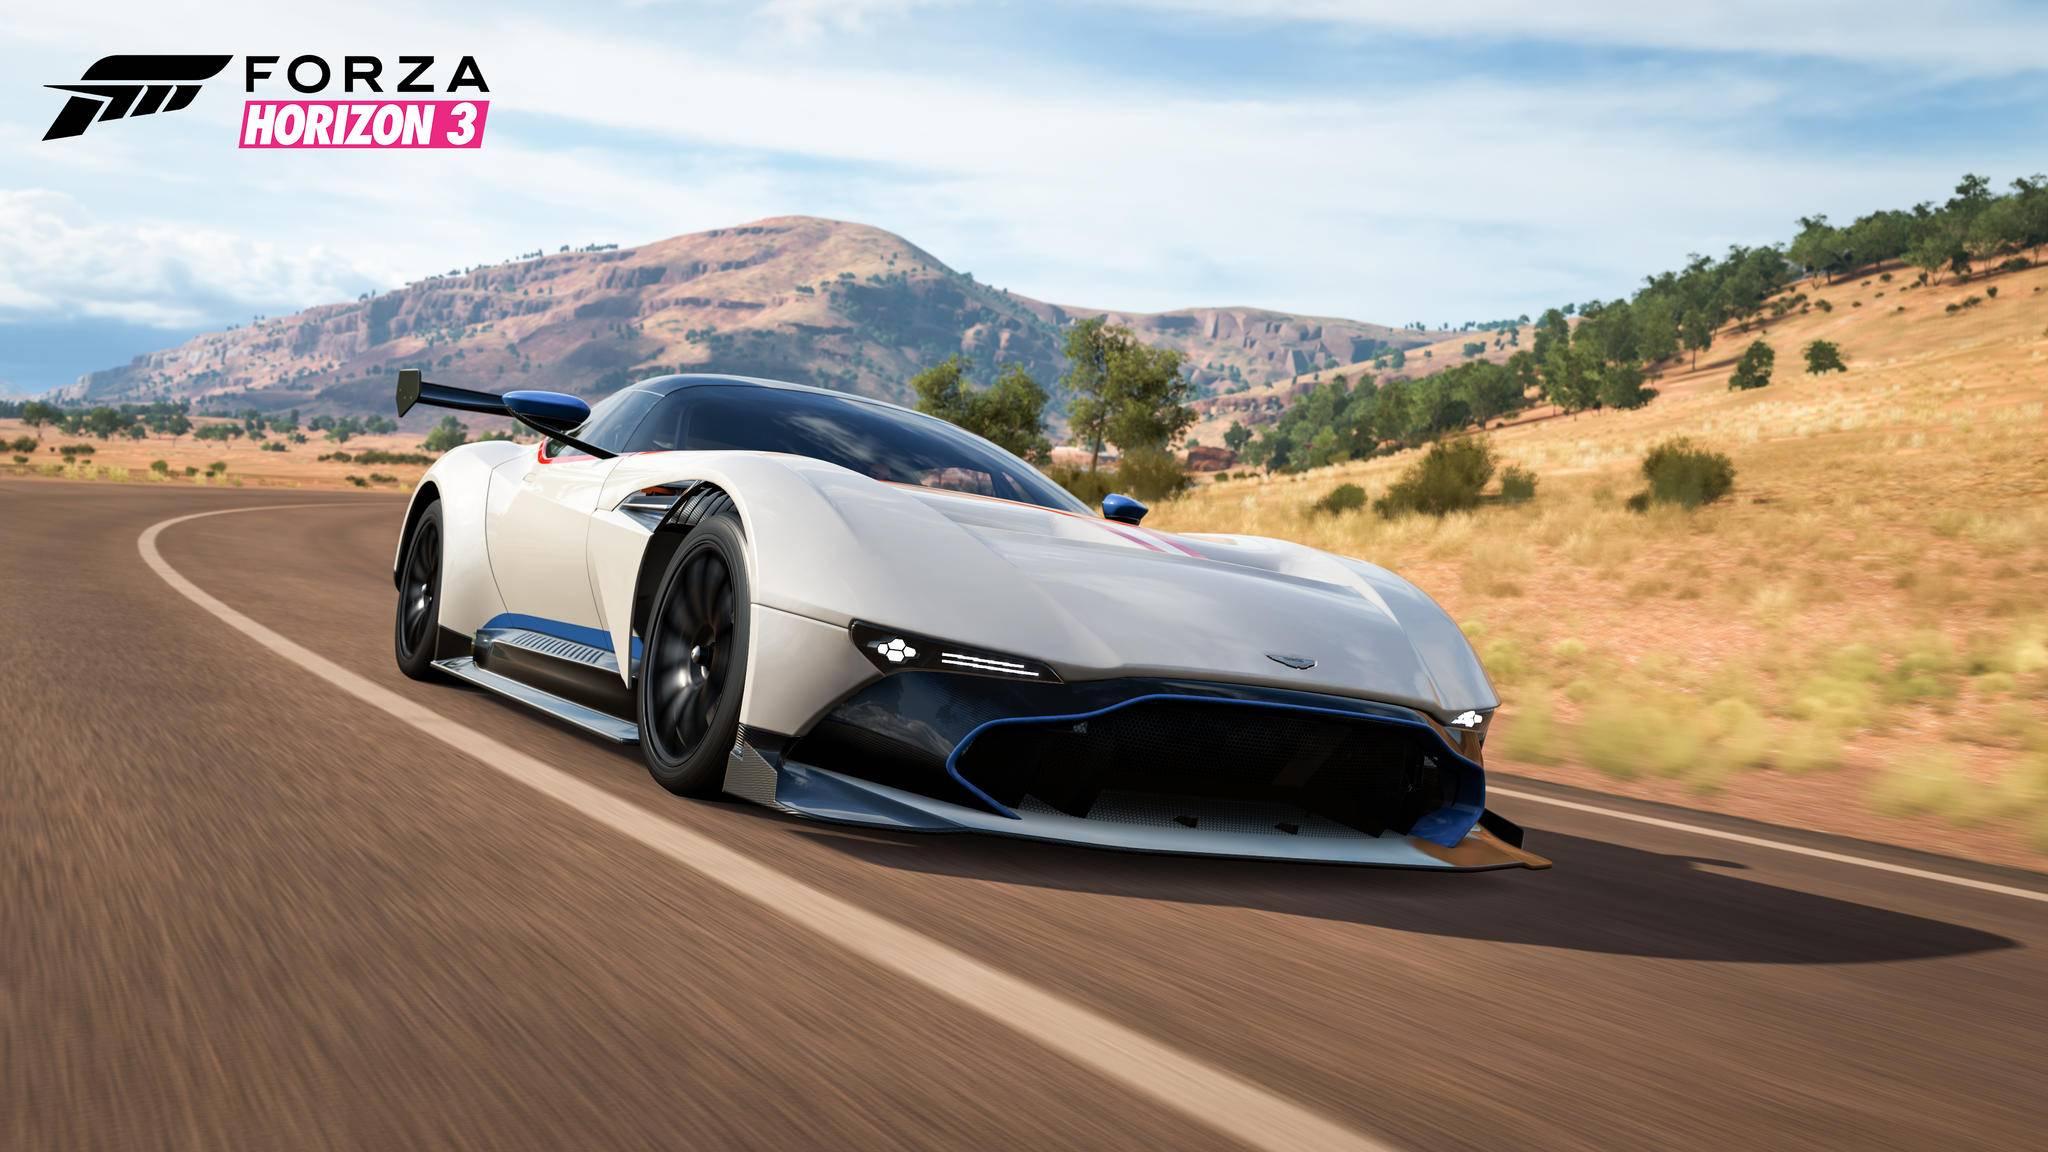 """Auch in """"Forza Horizon 4"""" bist Du mit teuren Sportwägen in abenteuerlichen Gebieten unterwegs."""